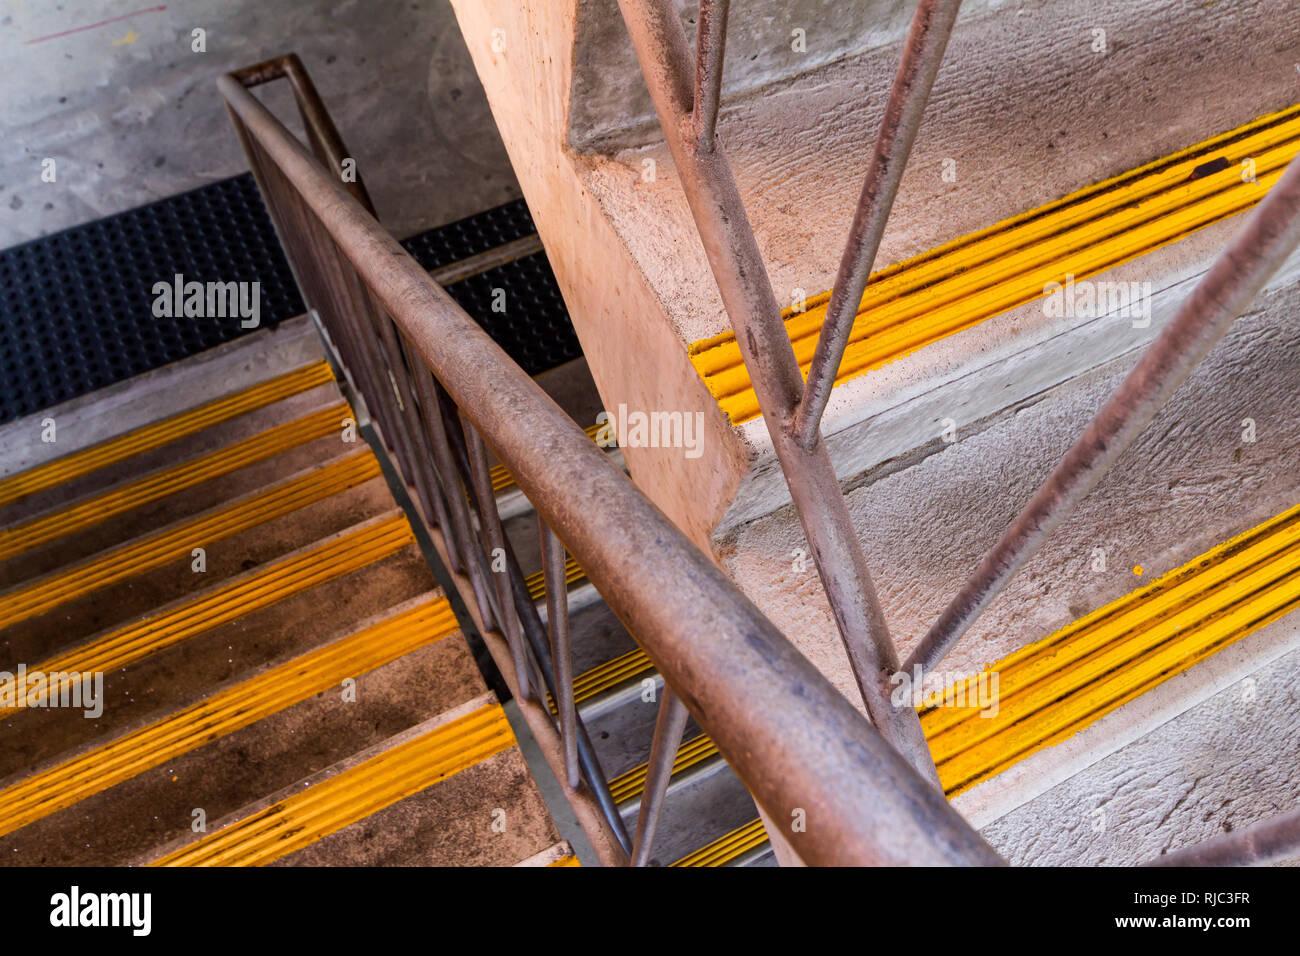 Metall Treppe2 Flüge, Silber mit gelben rutschfeste Streifen angezeigt Stockbild